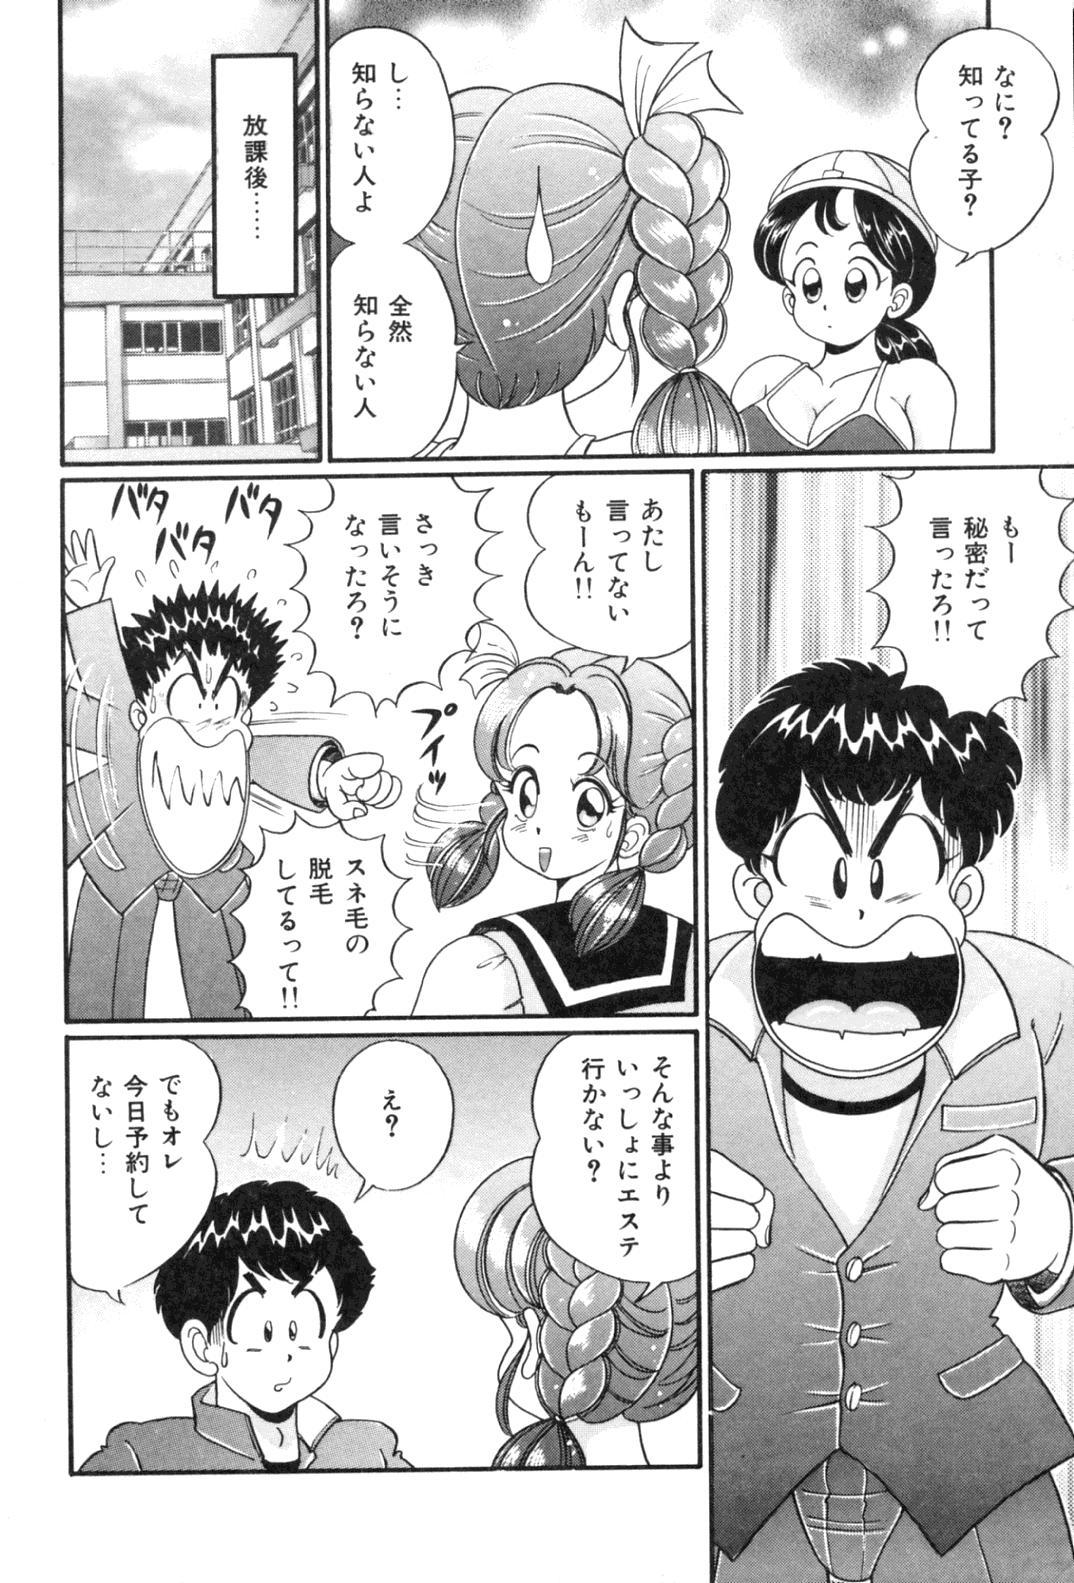 [Watanabe Wataru] Tonari no Onee-san - Sister of Neighborhood 152